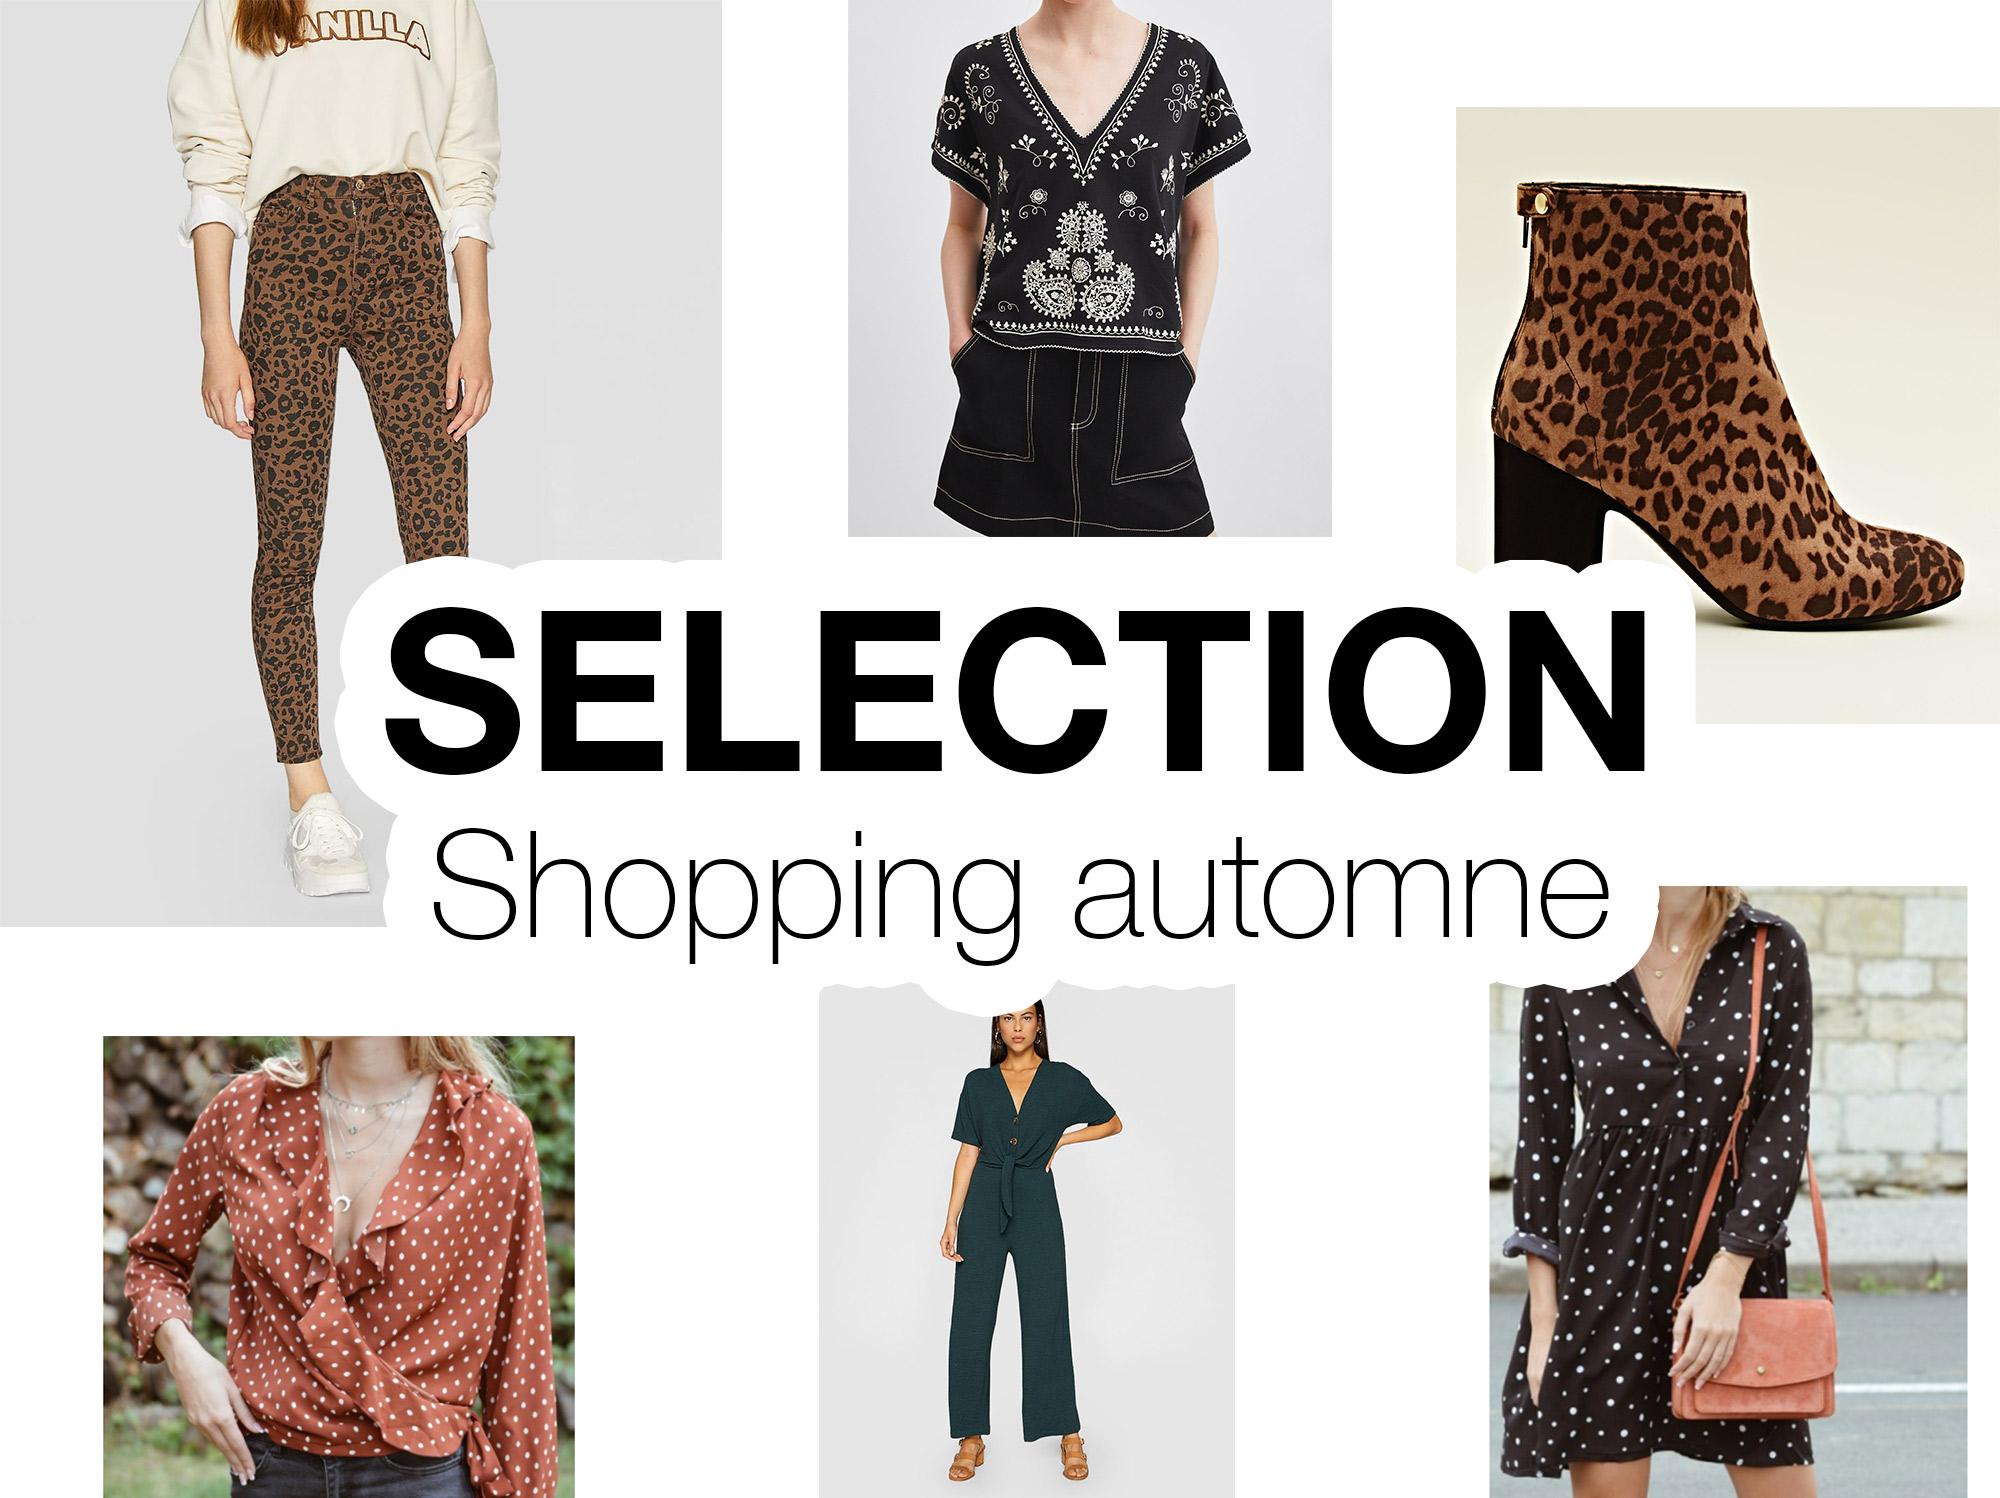 Sélection shopping automne 2018 - Autour de Marine